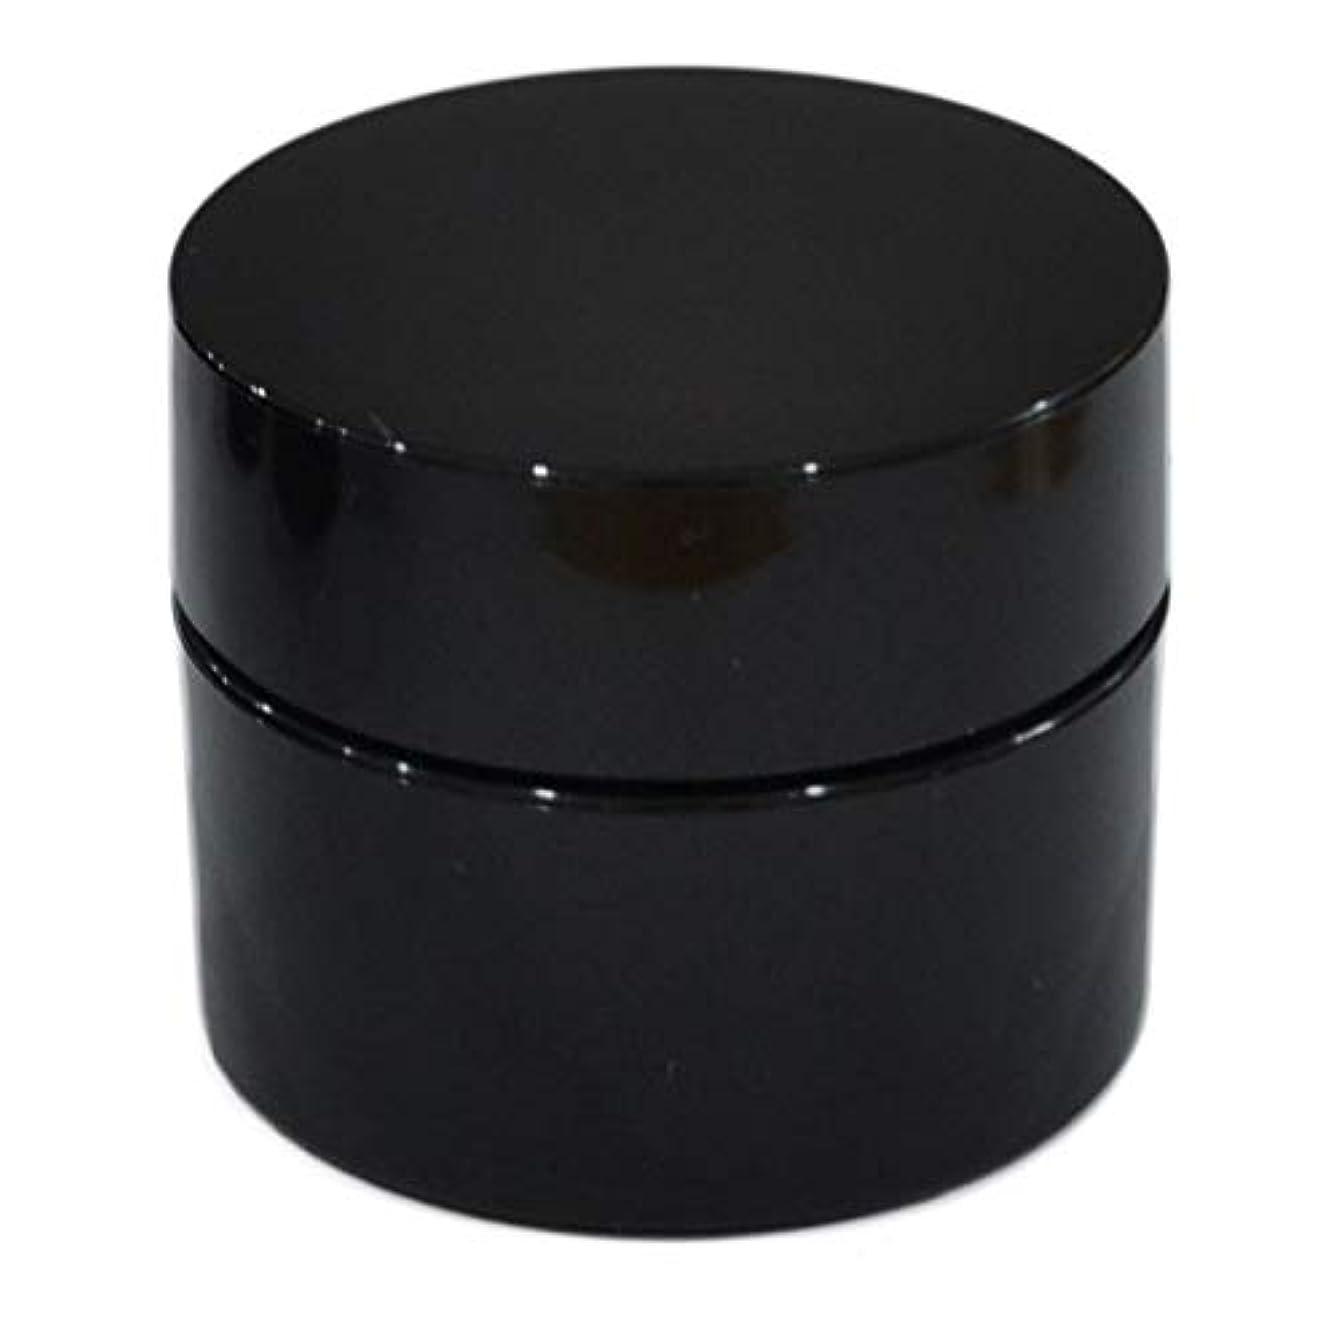 純国産ネイルジェル用コンテナ 10g用GA10g 漏れ防止パッキン&ブラシプレート付容器 ジェルを無駄なく使える底面傾斜あり 遮光 黒 ブラック